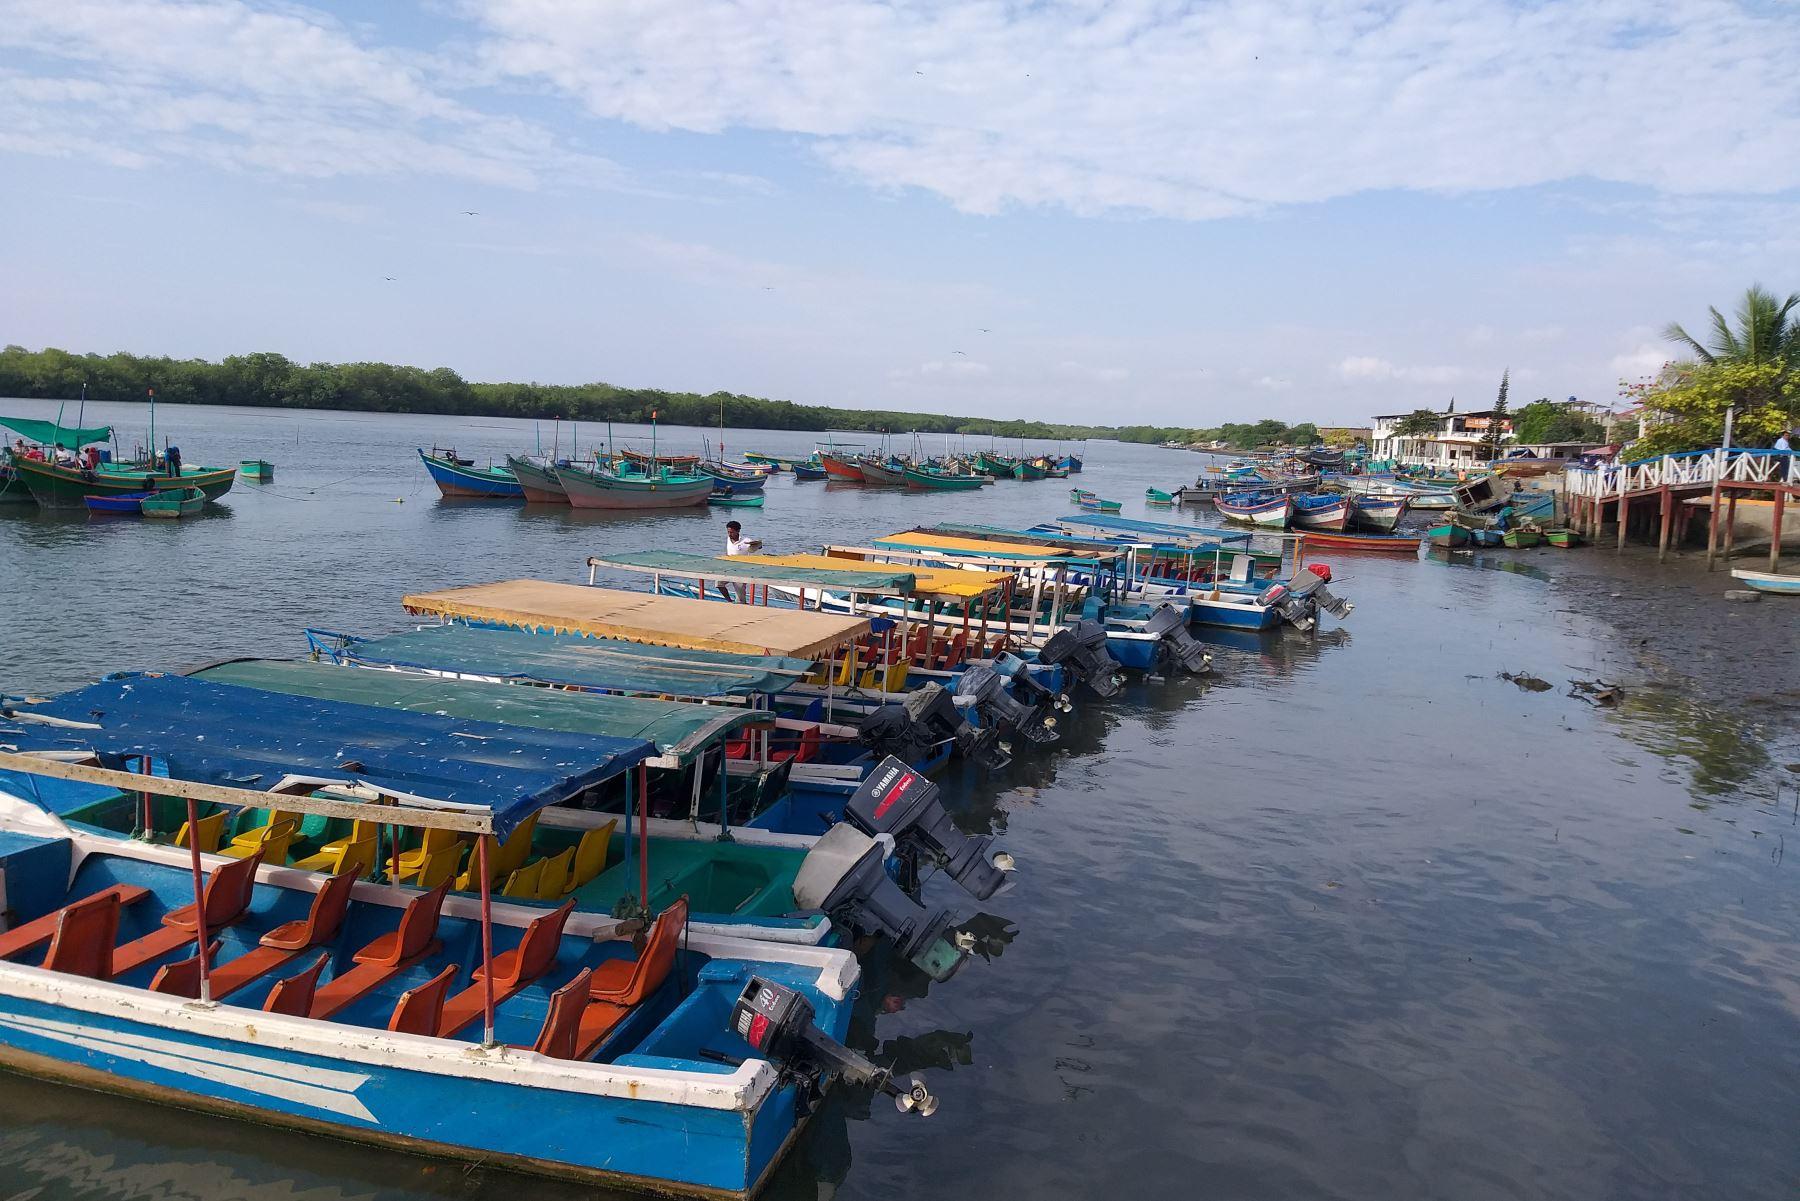 La formalización del transporte marítimo turístico en Tumbes permitirá brindar un servicio óptimo y seguro de traslado a los visitantes.